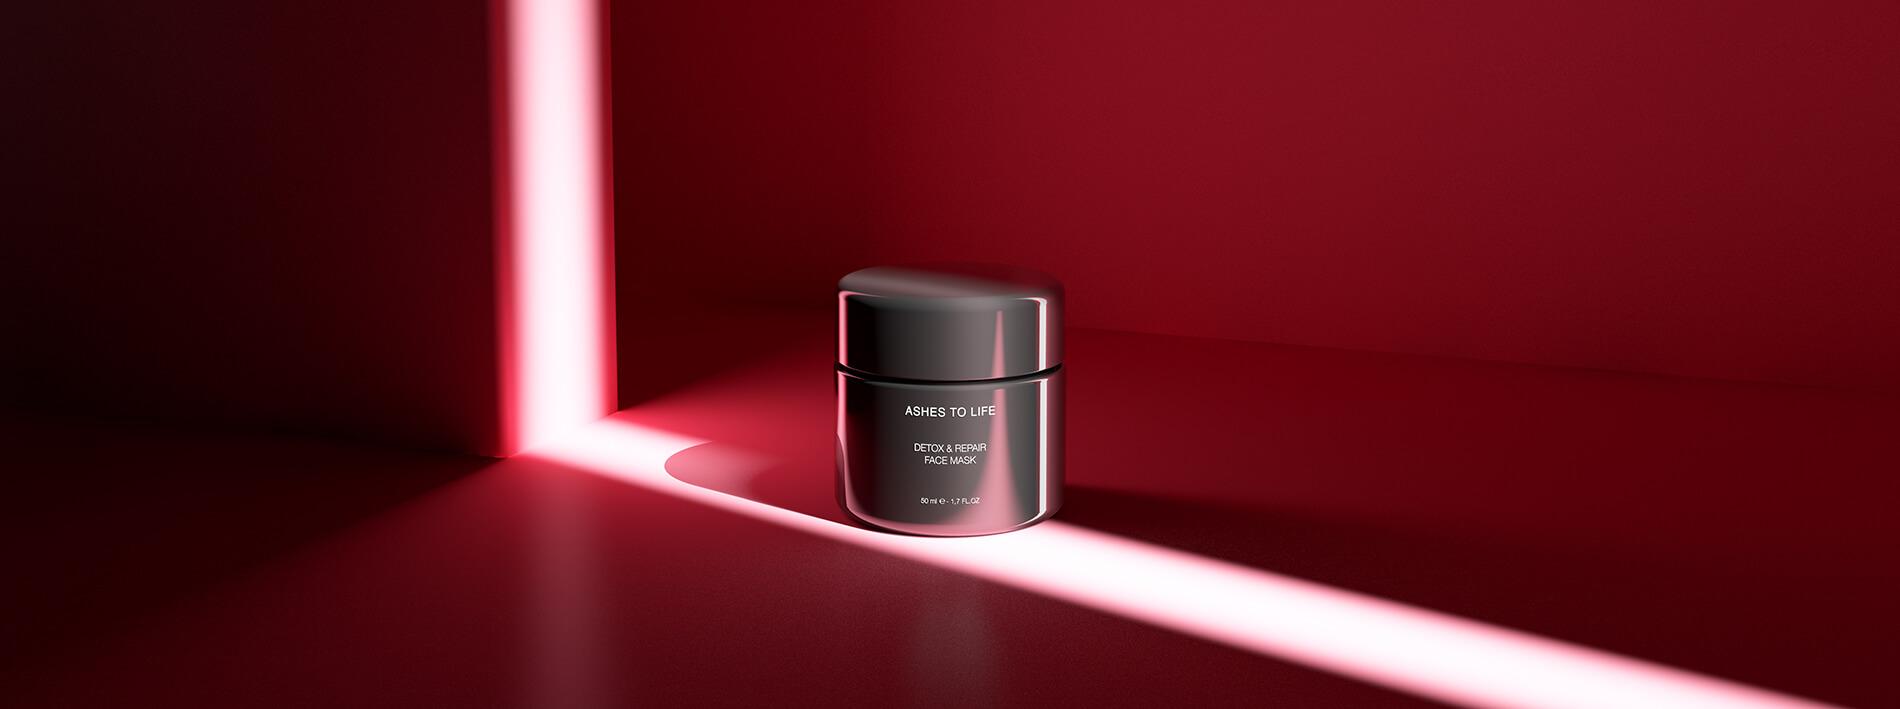 radiance-productos-cosmeticos-ecologicos